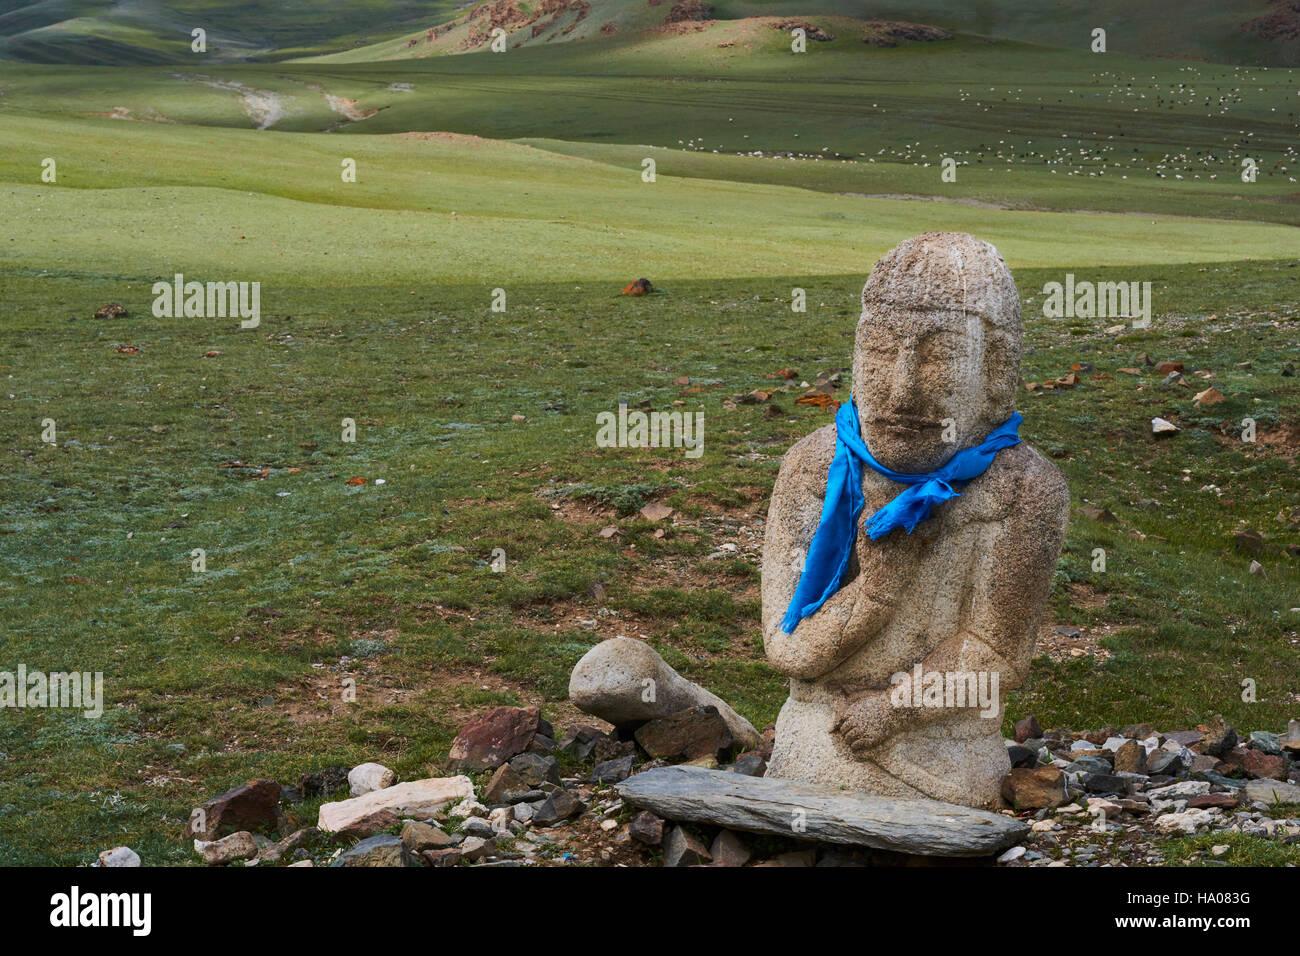 La Mongolie, Gobi-Altay, province de l'ouest de la Mongolie, stèle à forme humaine, IV-VIII siècle Photo Stock